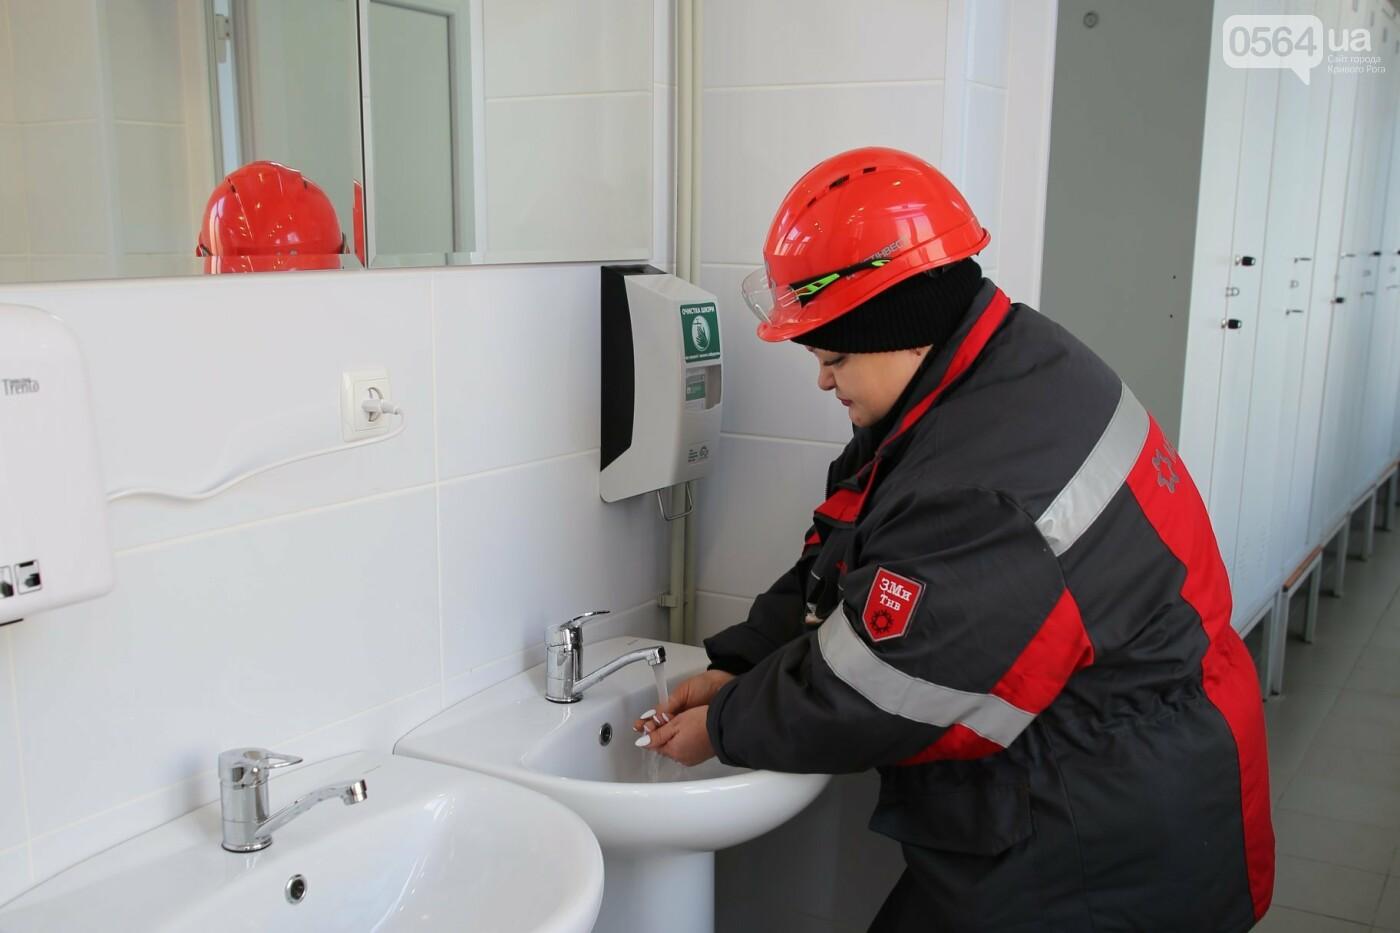 Центральный ГОК продолжил инвестиции в улучшение условий труда работников предприятия, фото-4